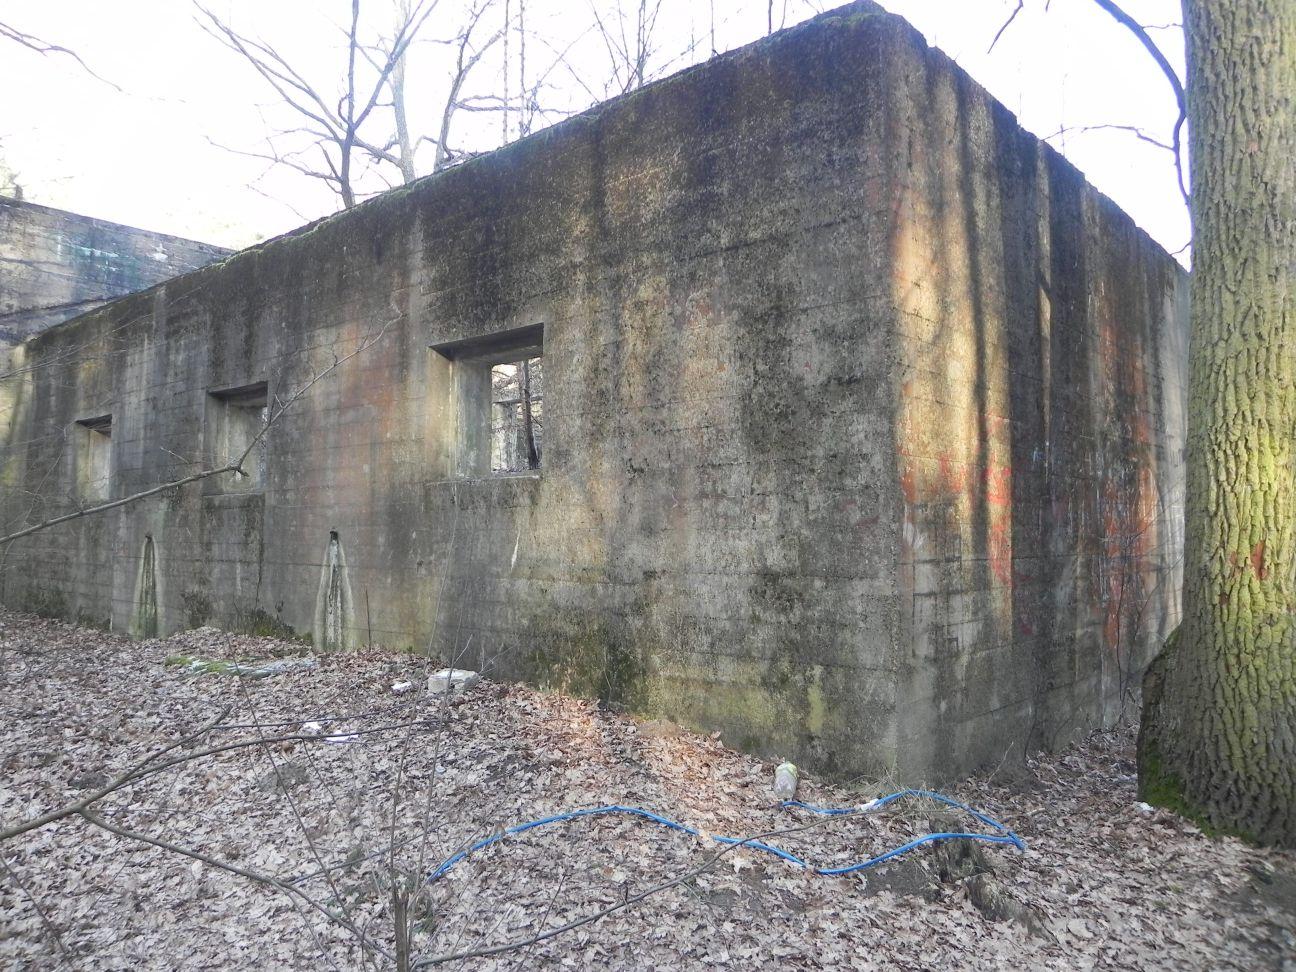 Jeleń - Bunkier Techniczny (105)